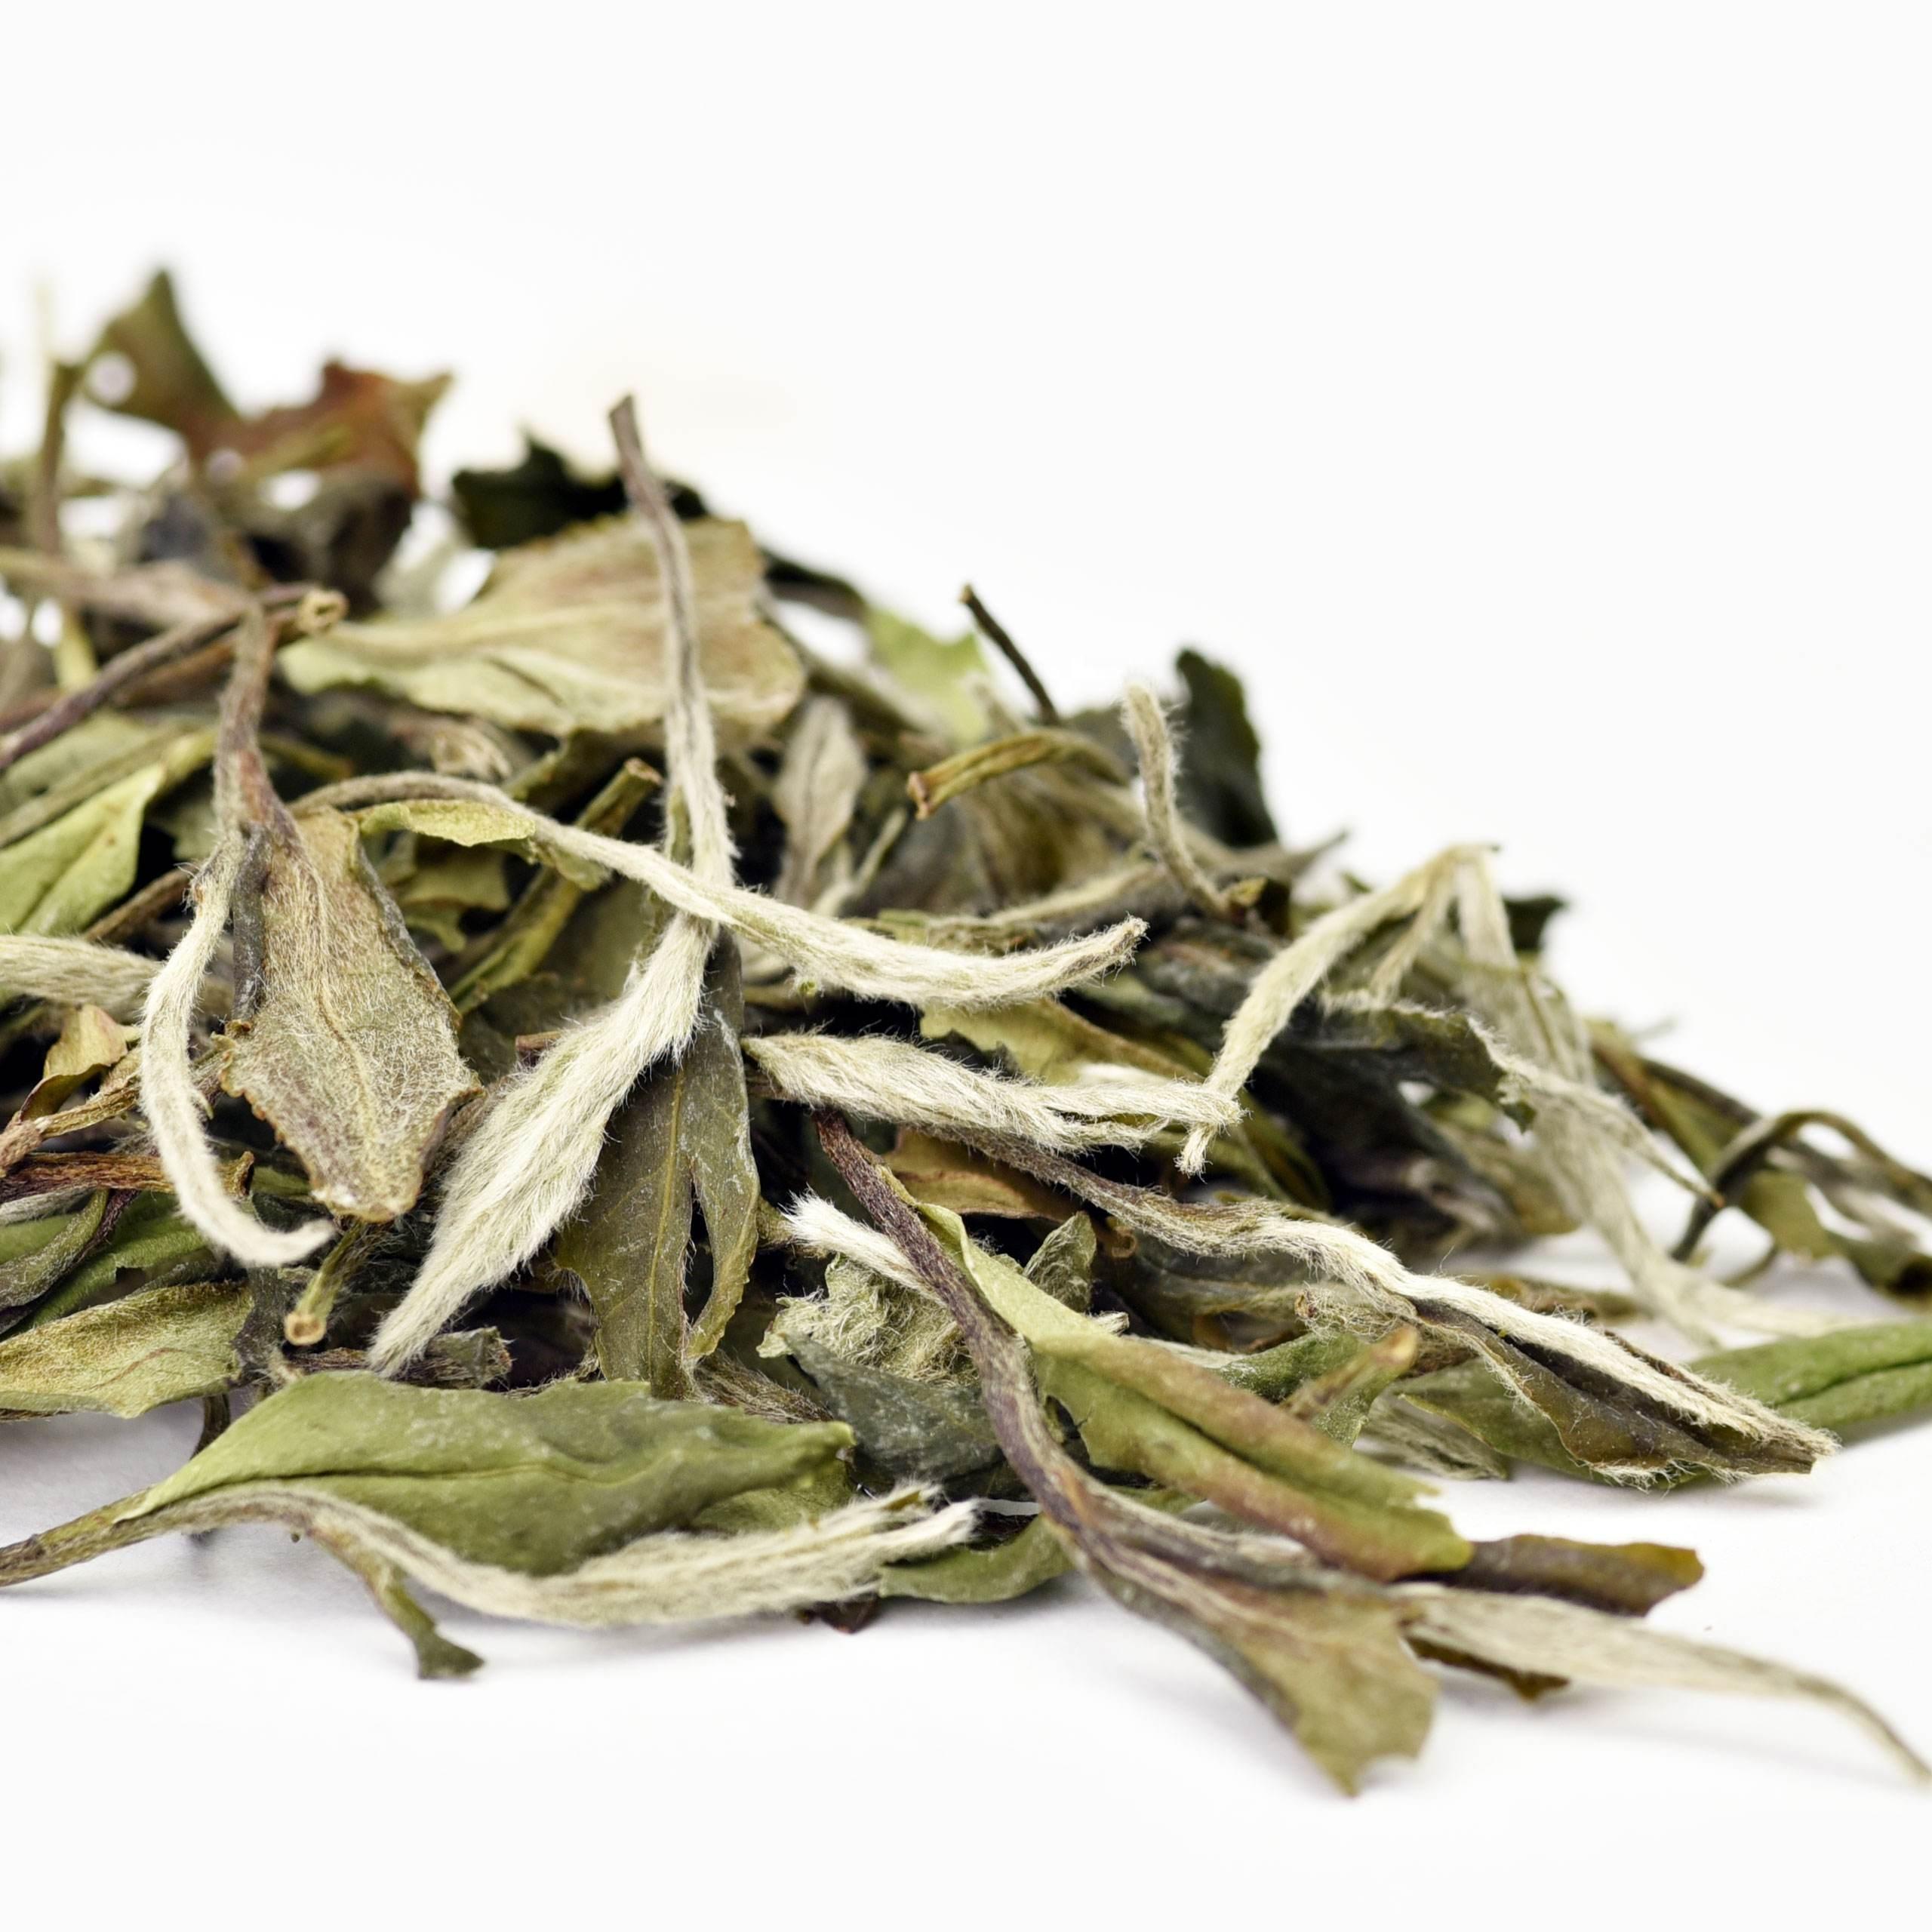 Organic White Tea with Good Price White Peony Tea - 4uTea | 4uTea.com